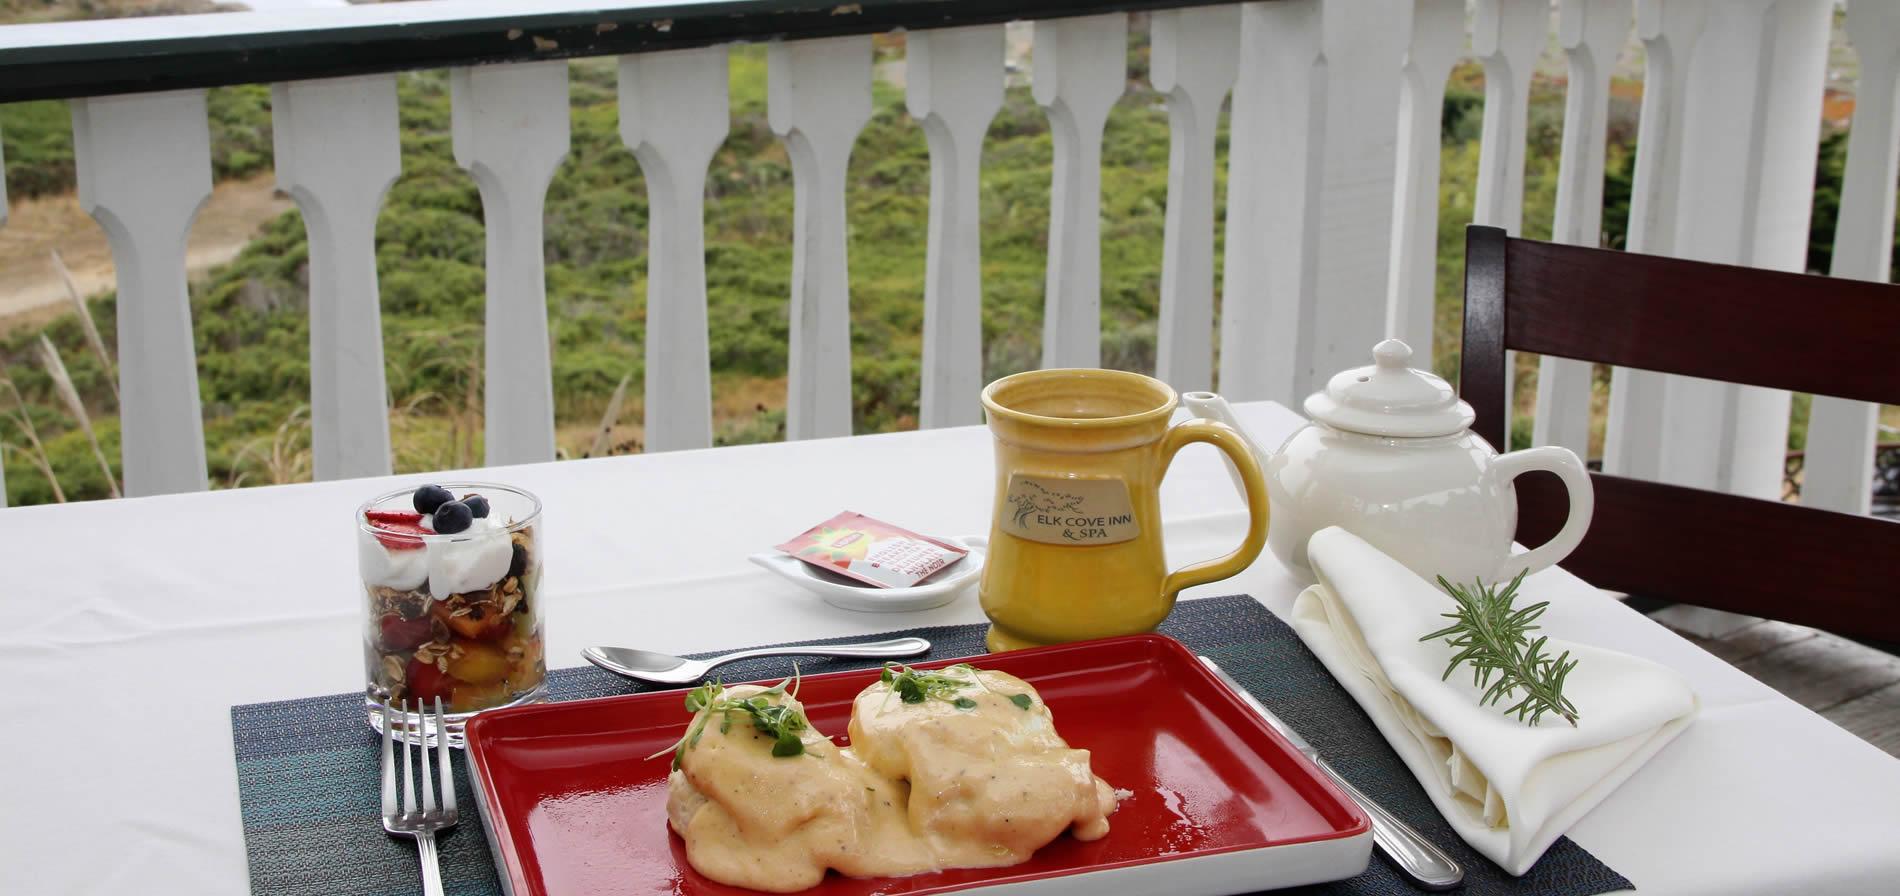 breakfast on the coast